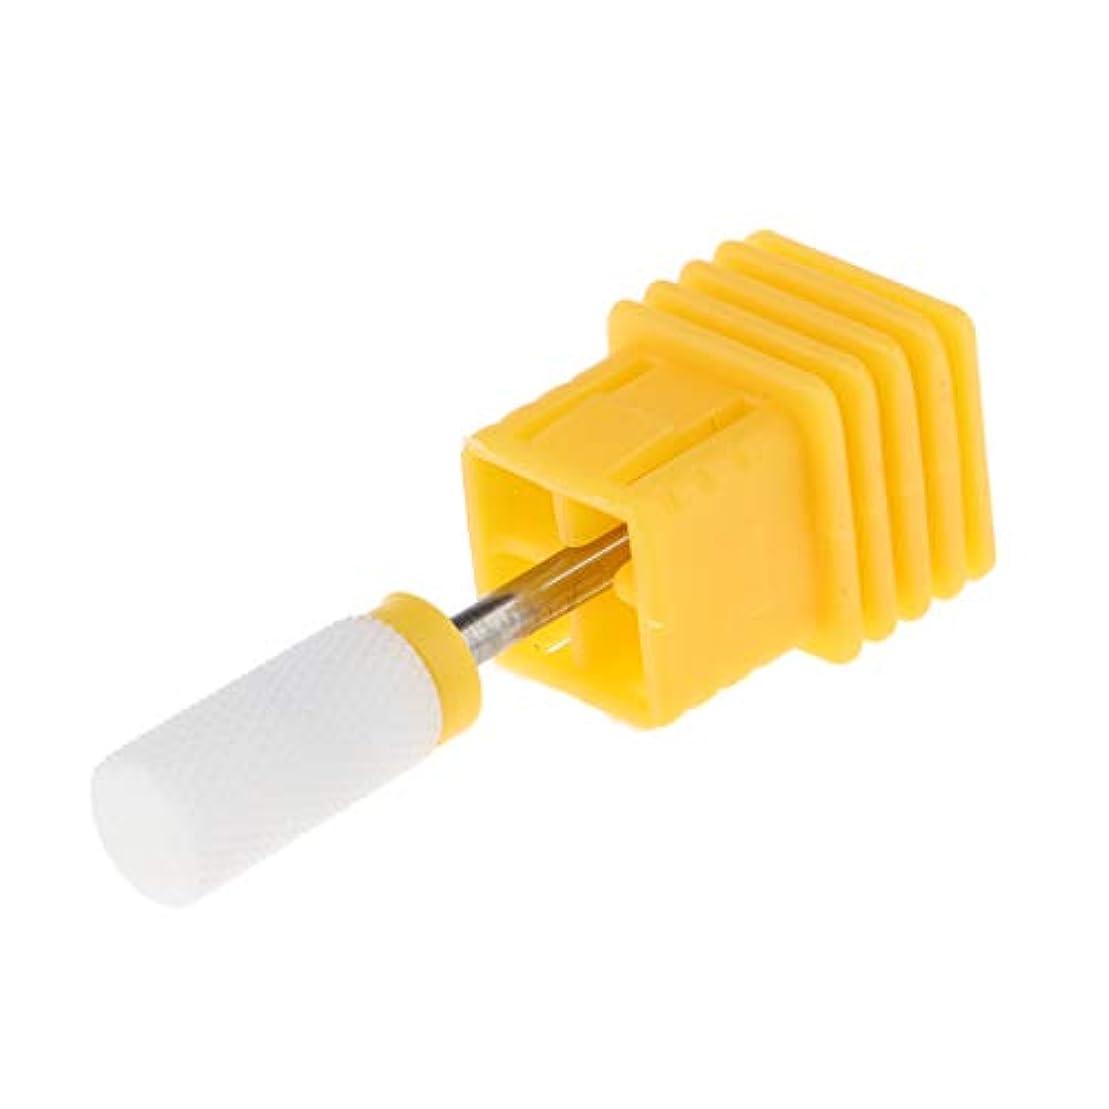 苗改修するリスト電気ネイルマシンマニキュア用セラミック研磨ヘッドネイルドリルビット - XF